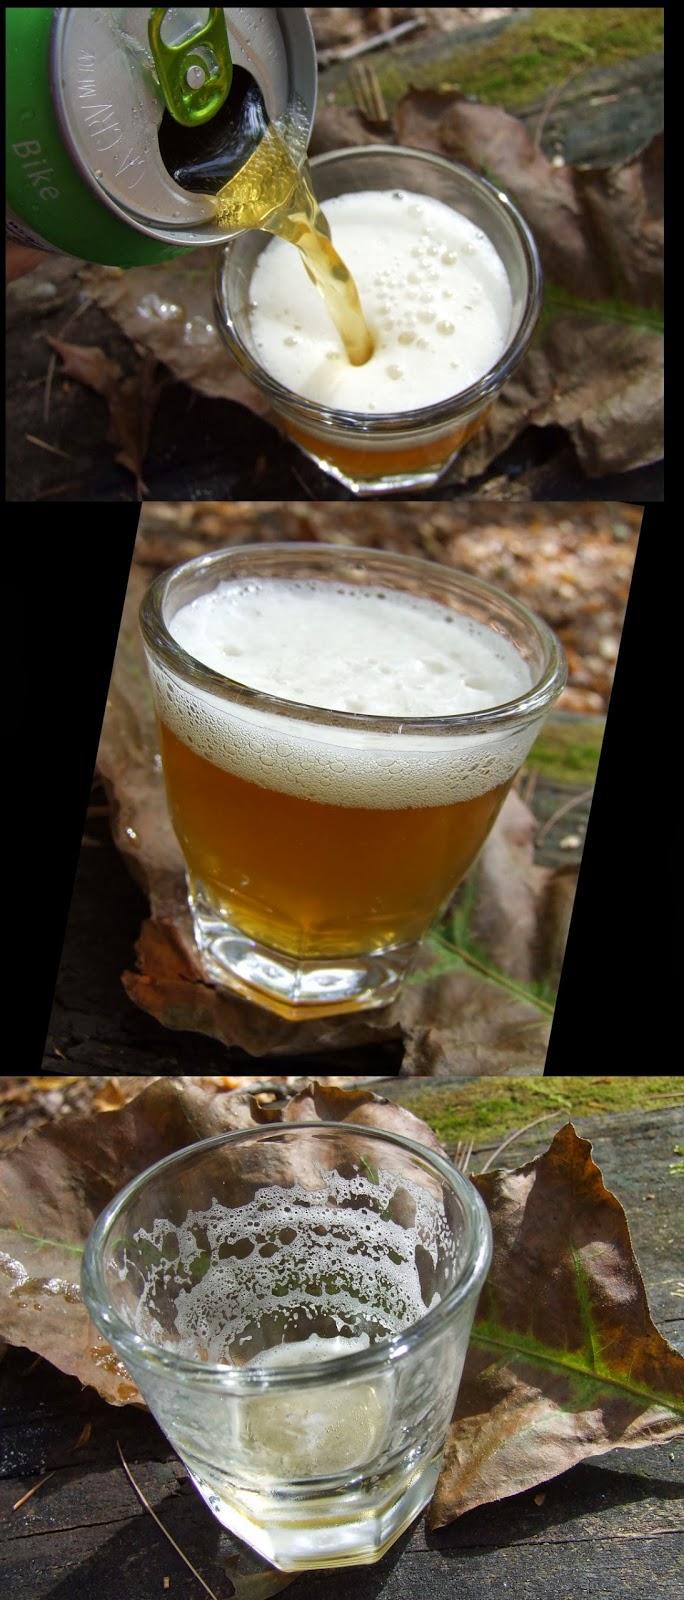 Bräuista: Recreation Ale